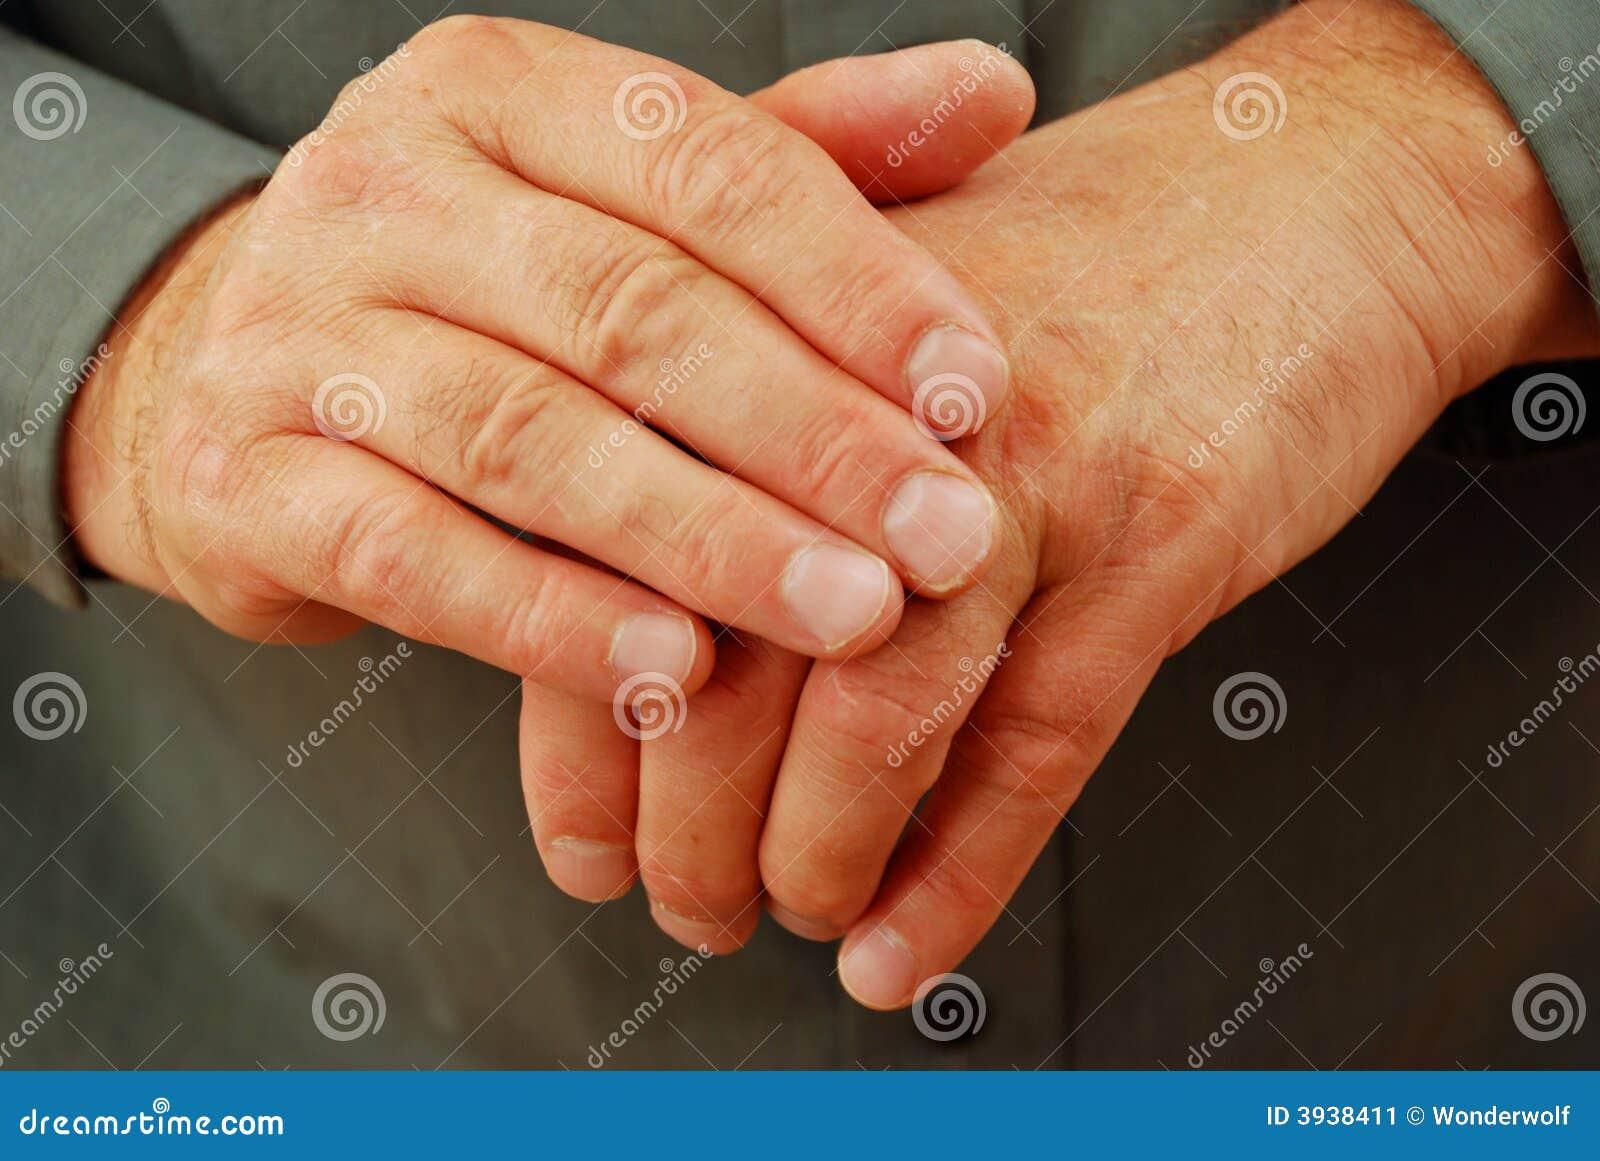 Handen die Doen barsten zijn